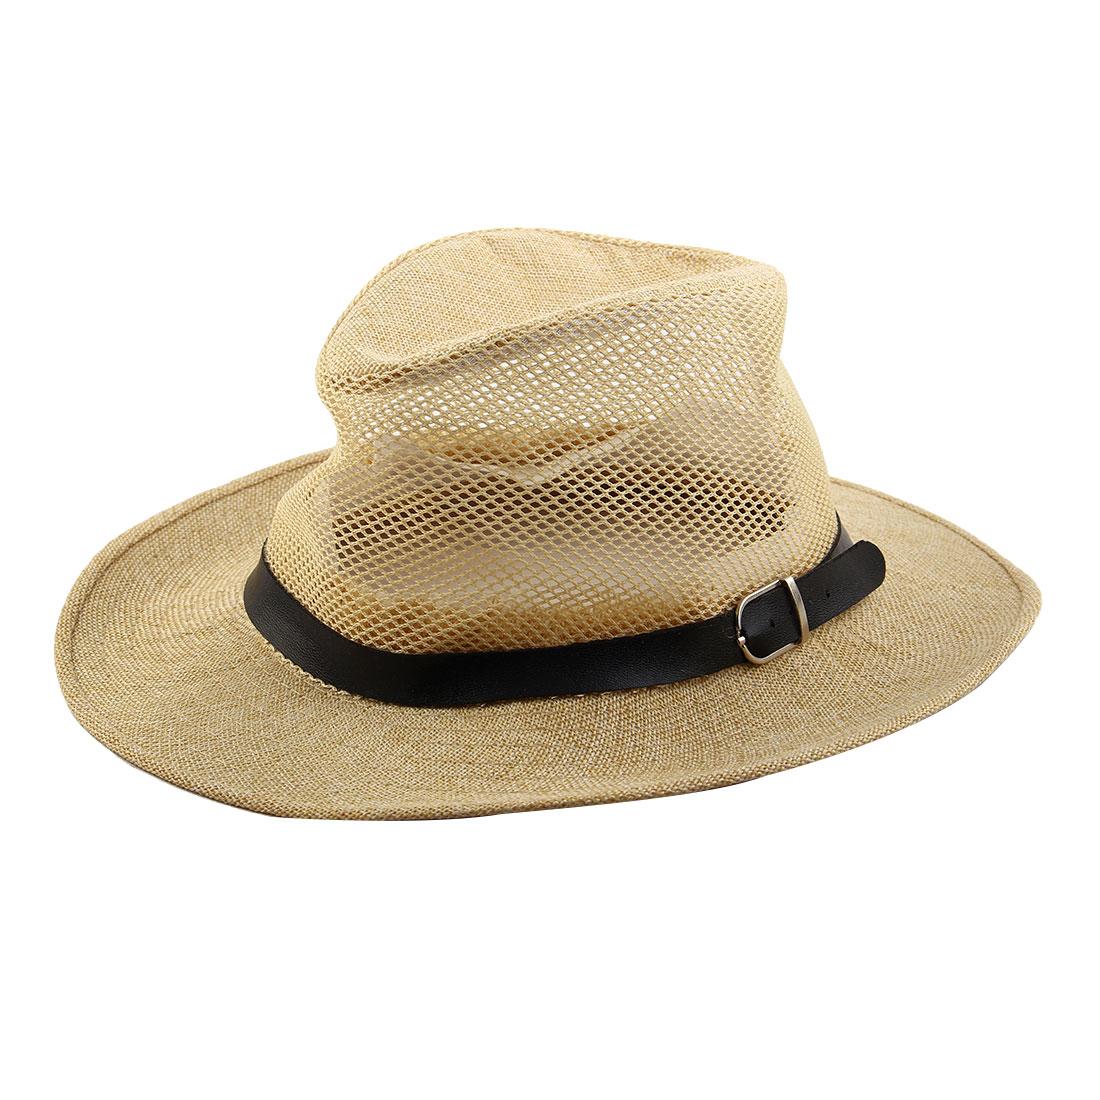 Men Summer Outdoor Linen Wide Brim Beach Mesh Cap Net Sunhat Cowboy Hat Beige